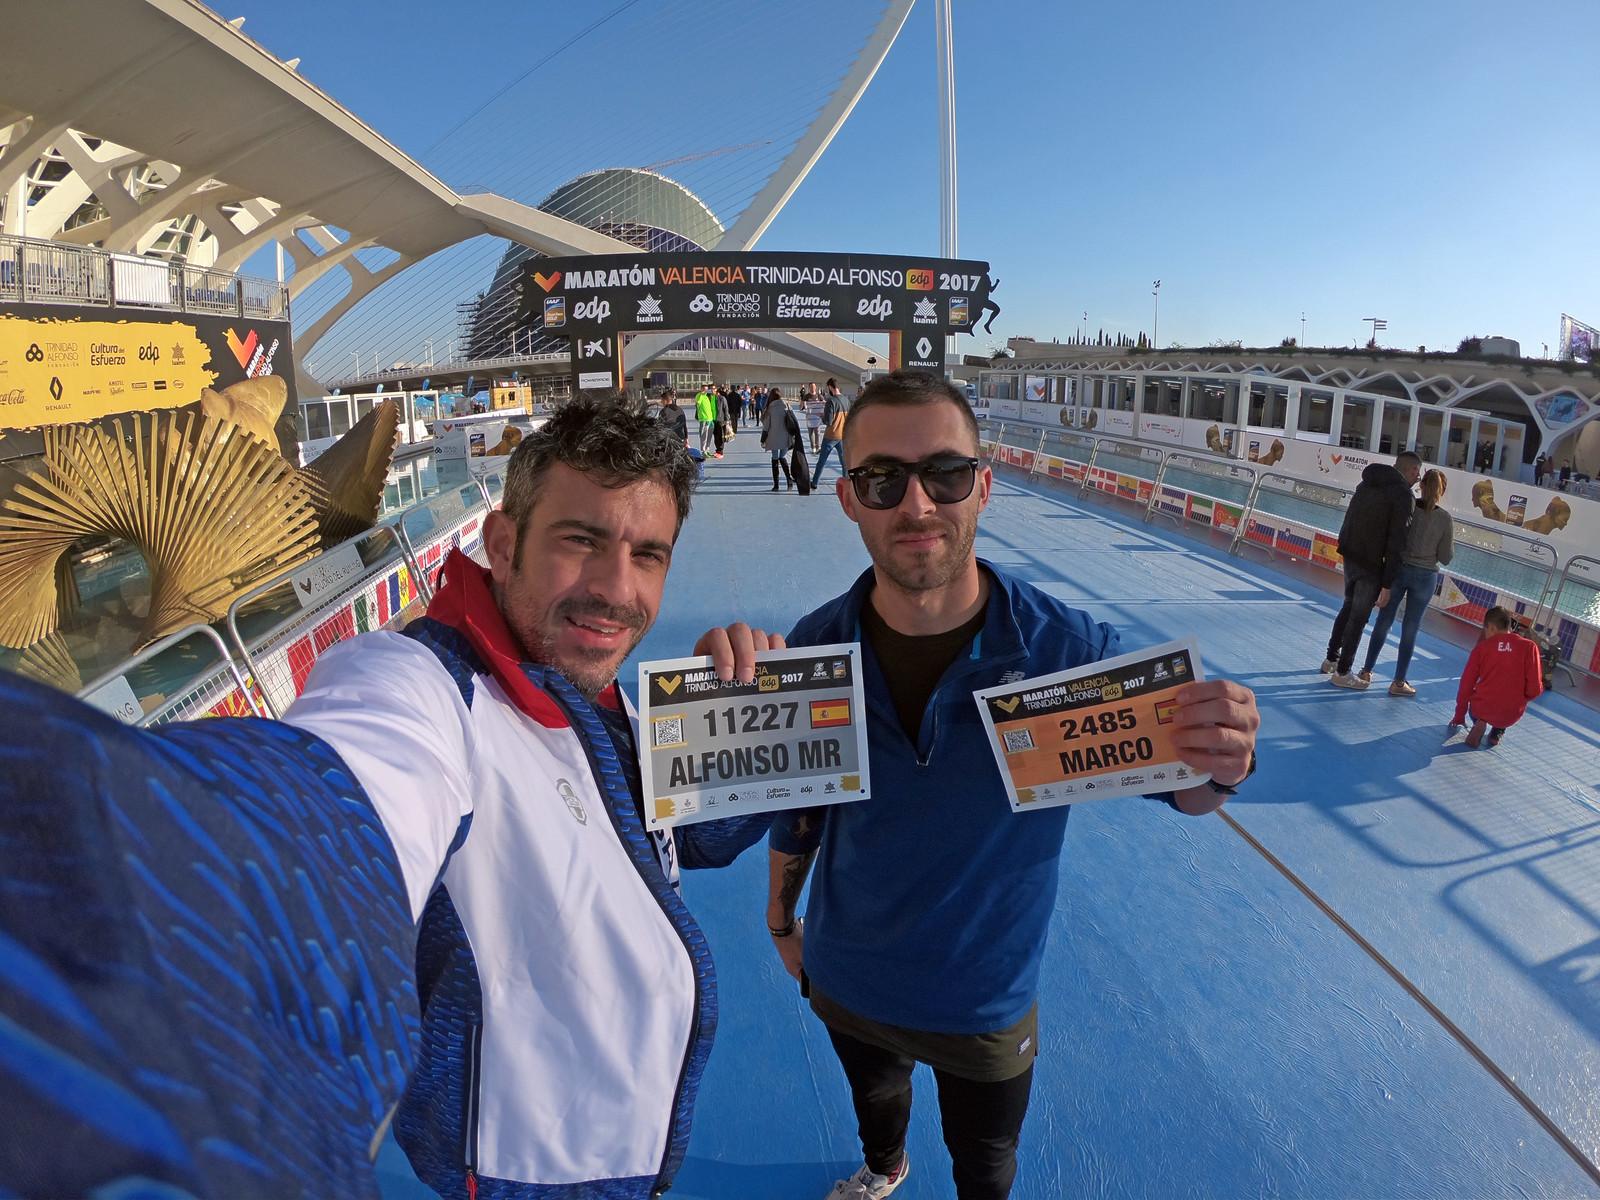 Correr el Maratón de Valencia, España - Marathon Spain maratón de valencia - 47198692271 ce9630b889 h - Maratón de Valencia: análisis, recorrido, entrenamiento y recomendaciones de viaje